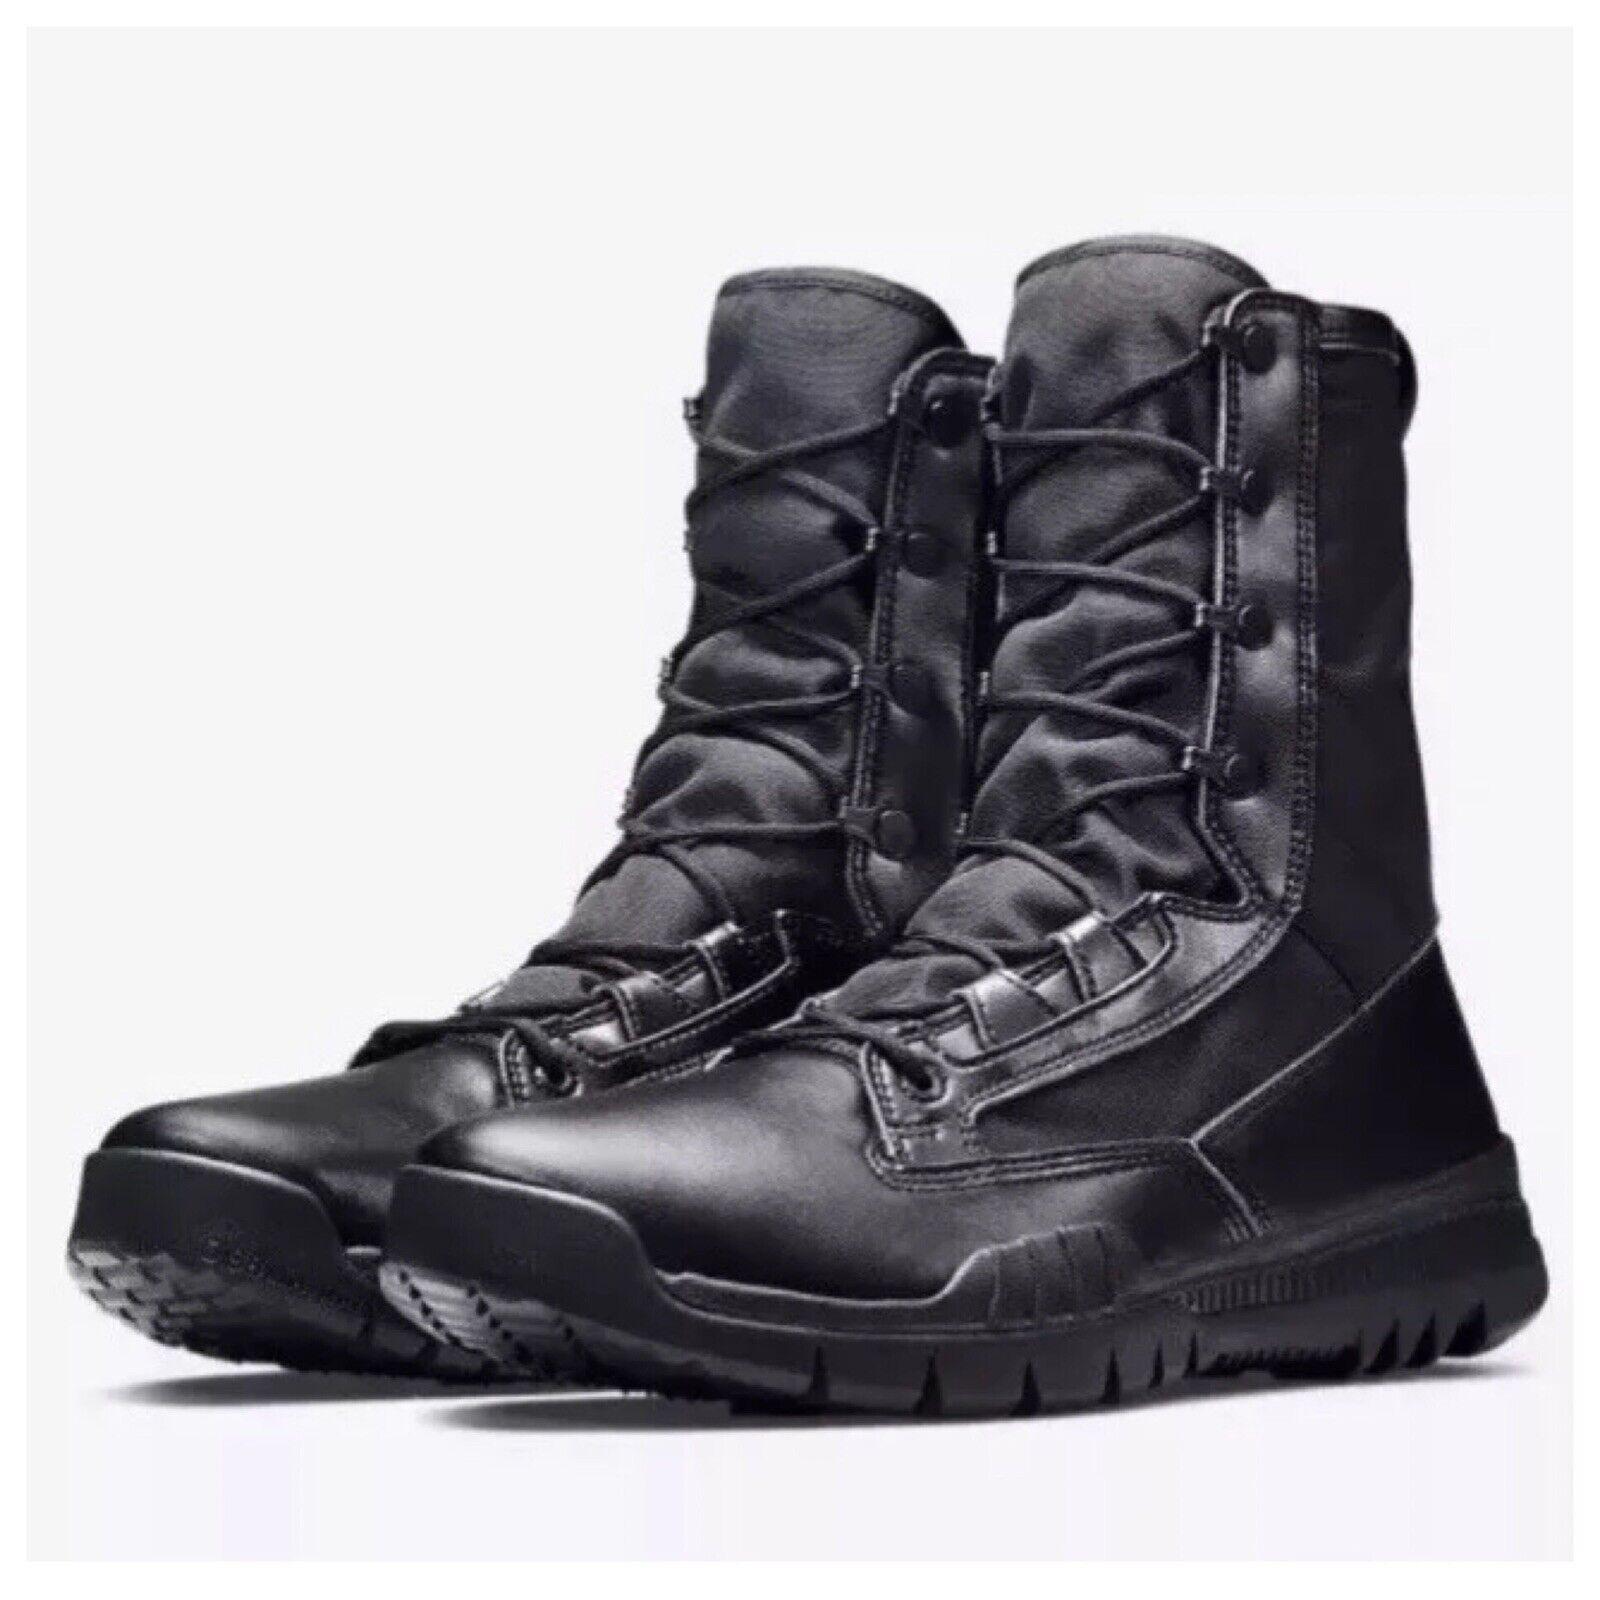 7f7ec6775bf8 NIKE SPECIAL 8 BOOTS SZ 6 (631371 090) RETAIL 150 FIELD SFB ...